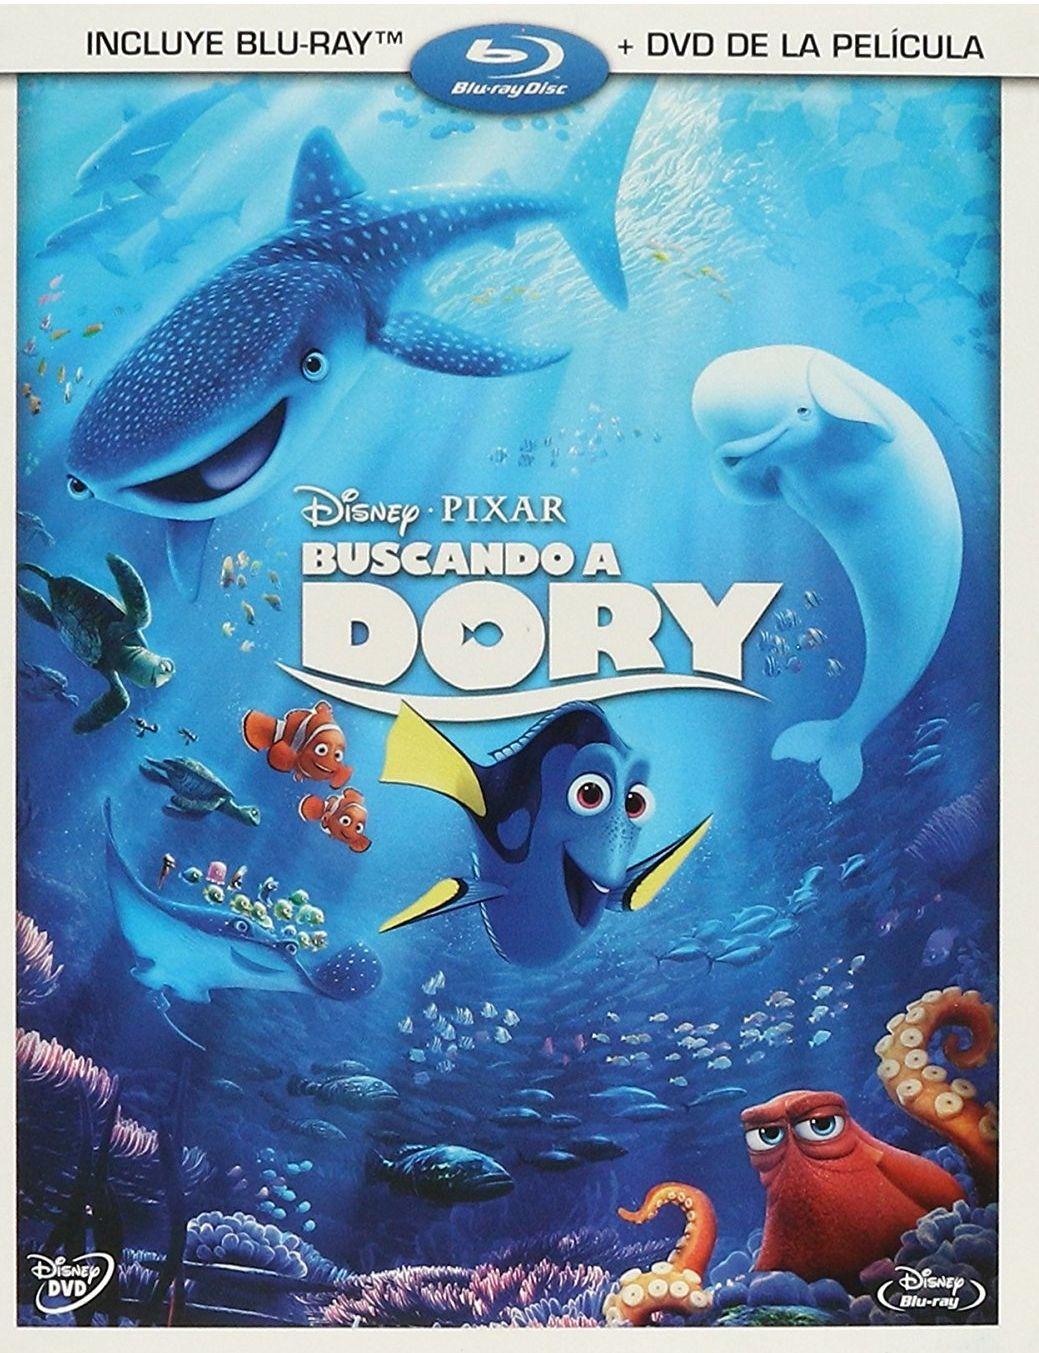 Amazon:  Buscando a dory bluray + dvd